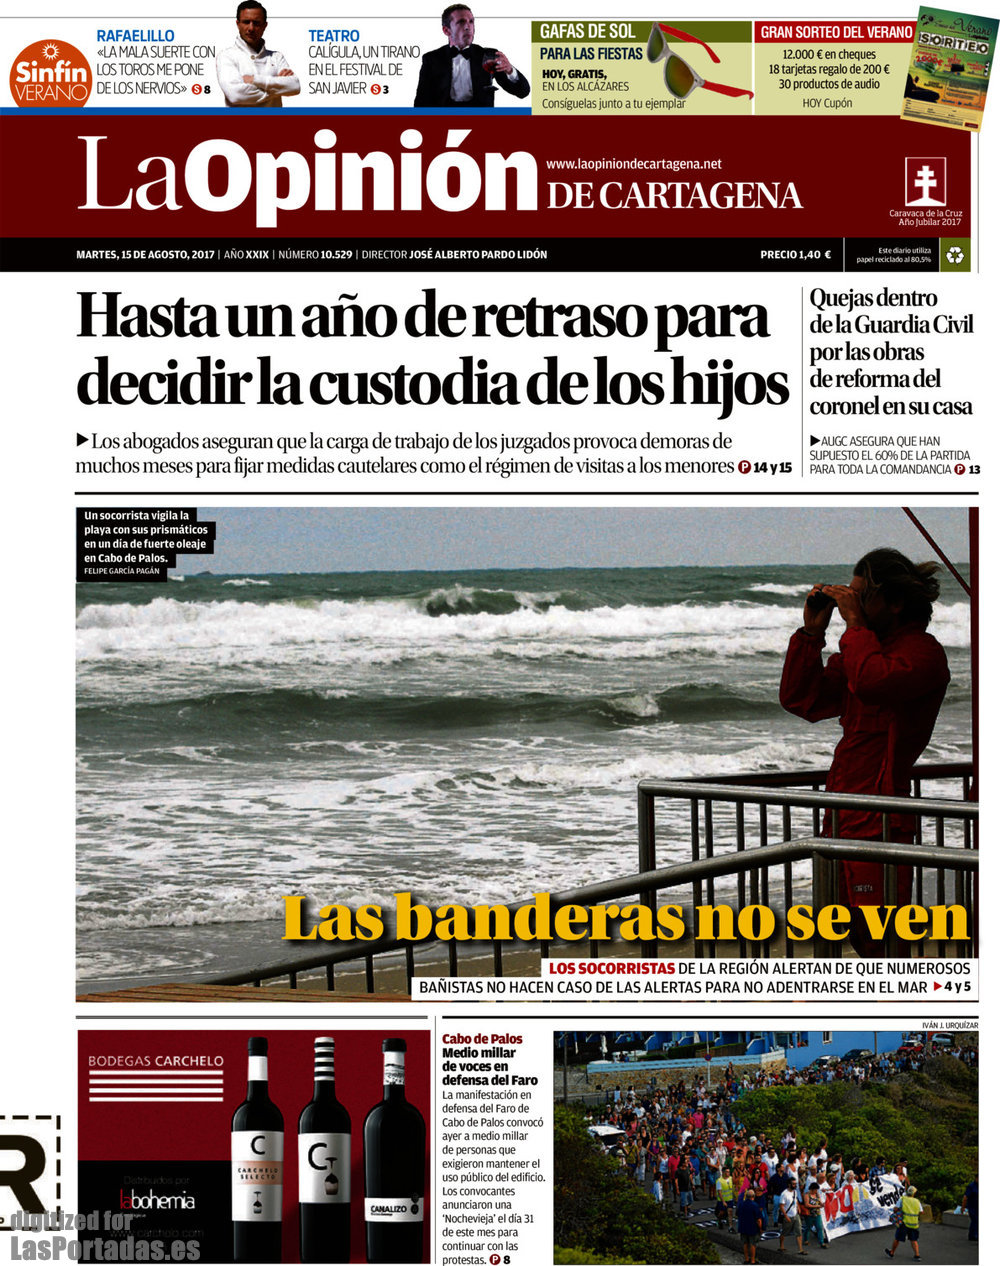 La Periodico Opinión 1582017 Cartagena De GzMpSqUV